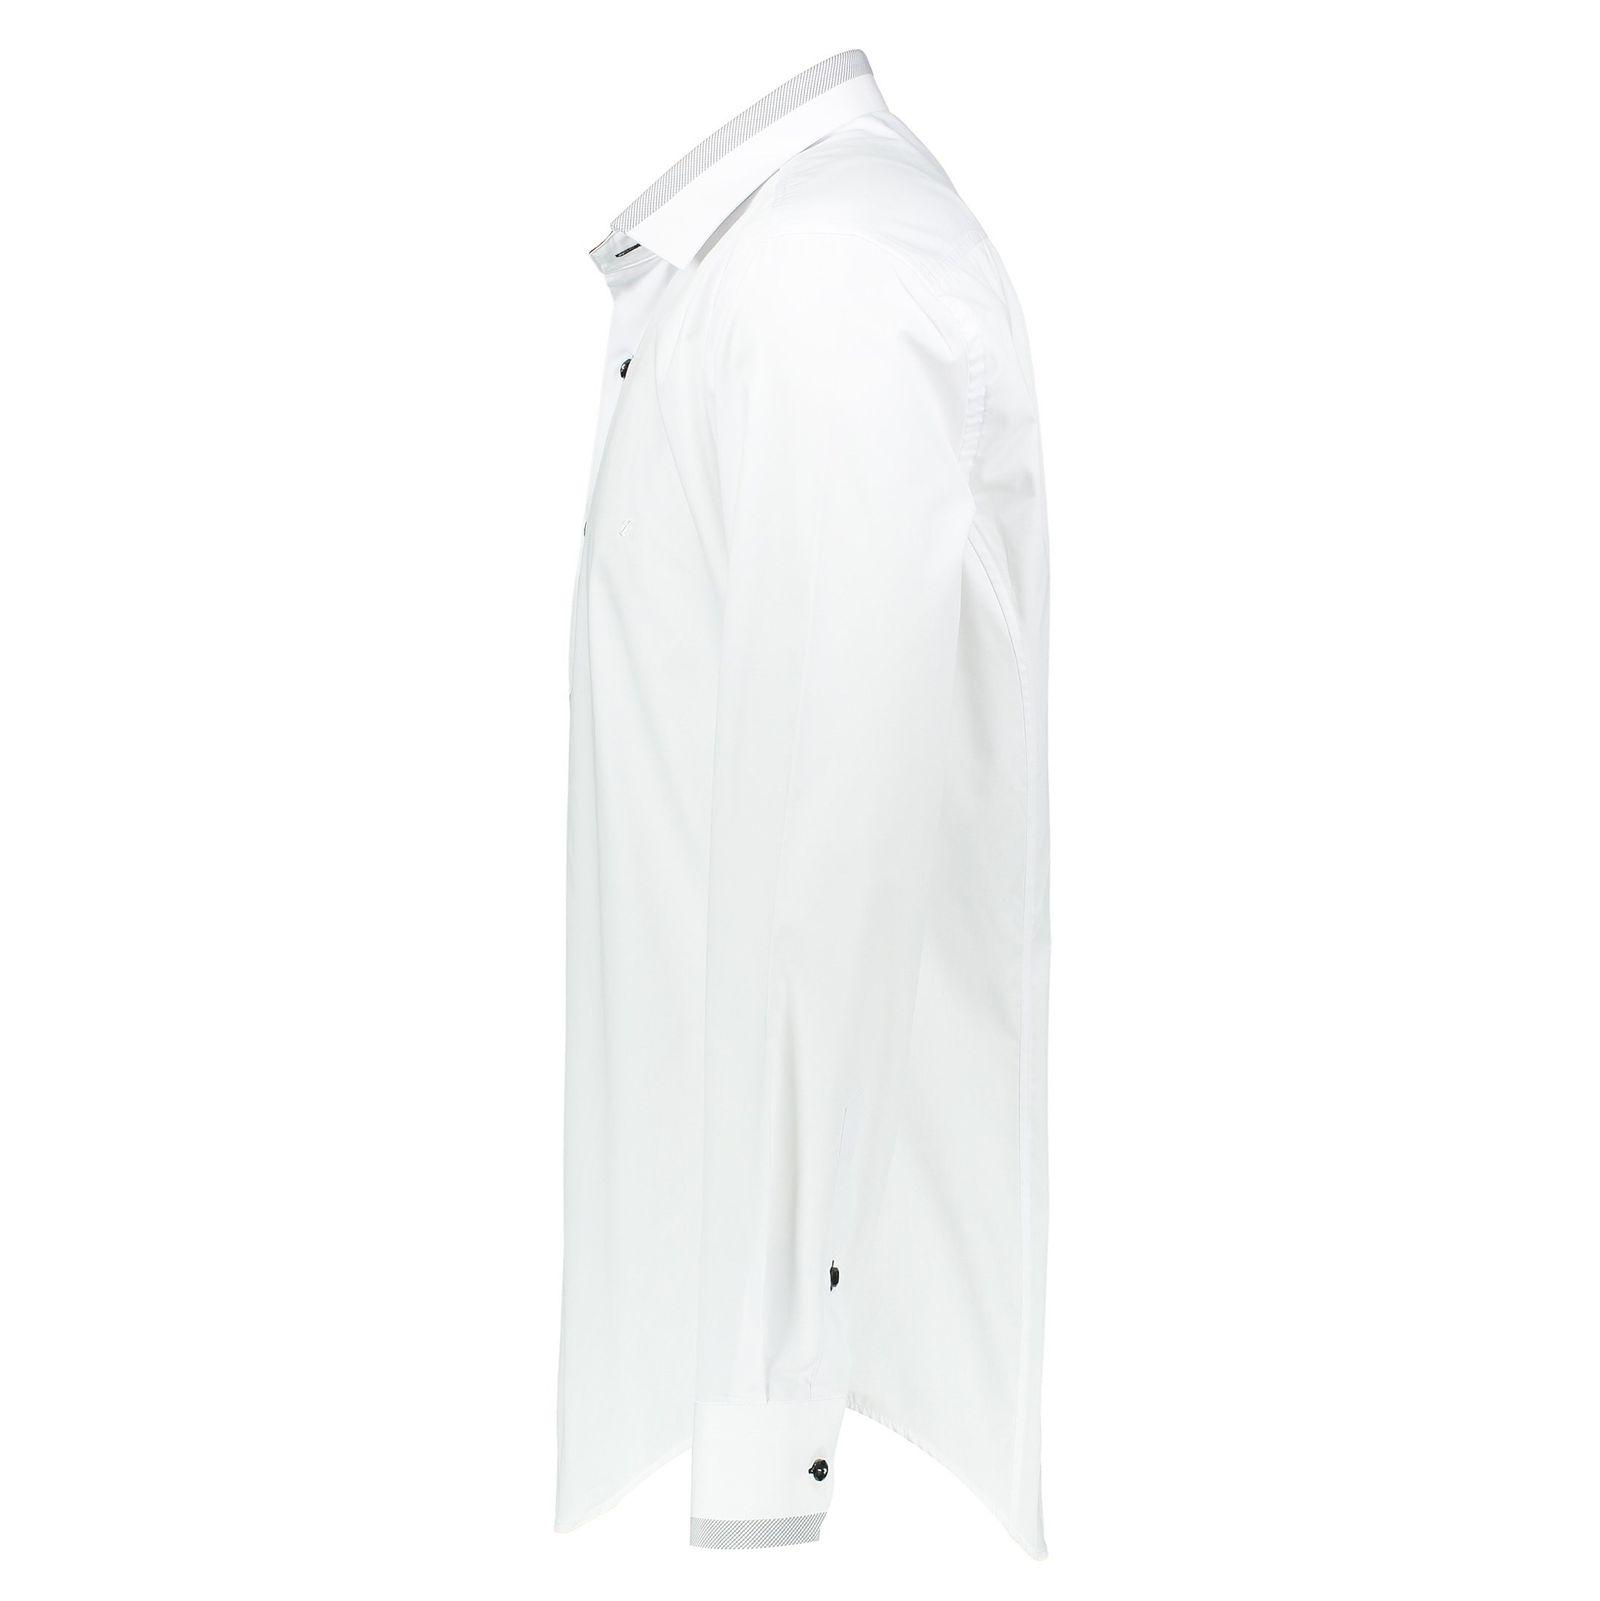 پیراهن رسمی مردانه - زاگرس پوش - سفيد - 3